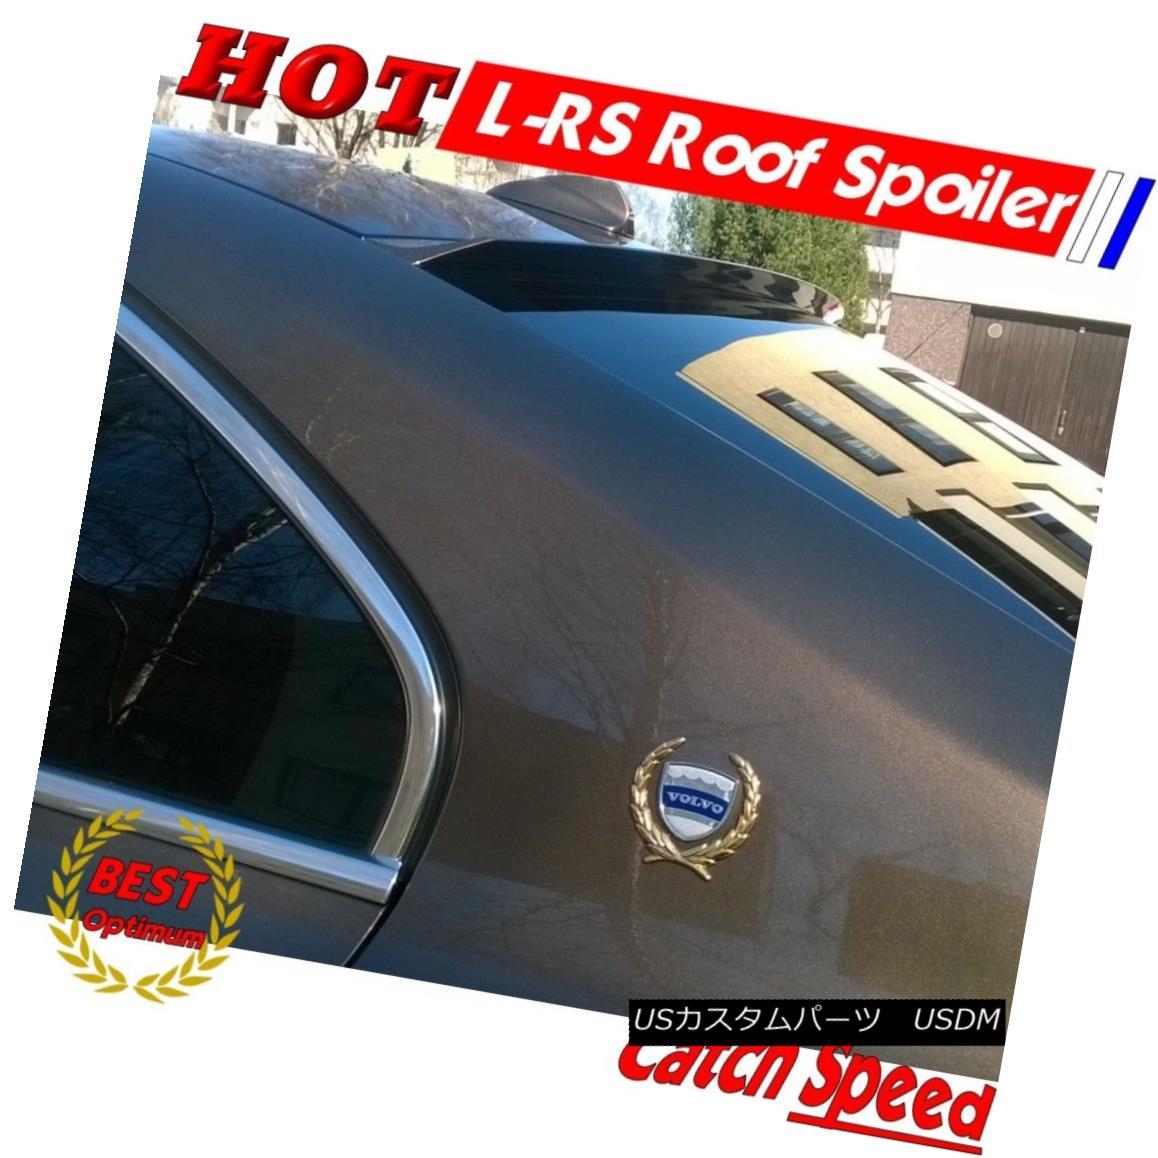 エアロパーツ Painted LRS Style Rear Roof Spoiler Wing For Honda Accord Sedan 2003-2007 ? ホンダアコードセダン2003-2007のために塗られたLRSスタイルリアルーフスポイラーウィング?